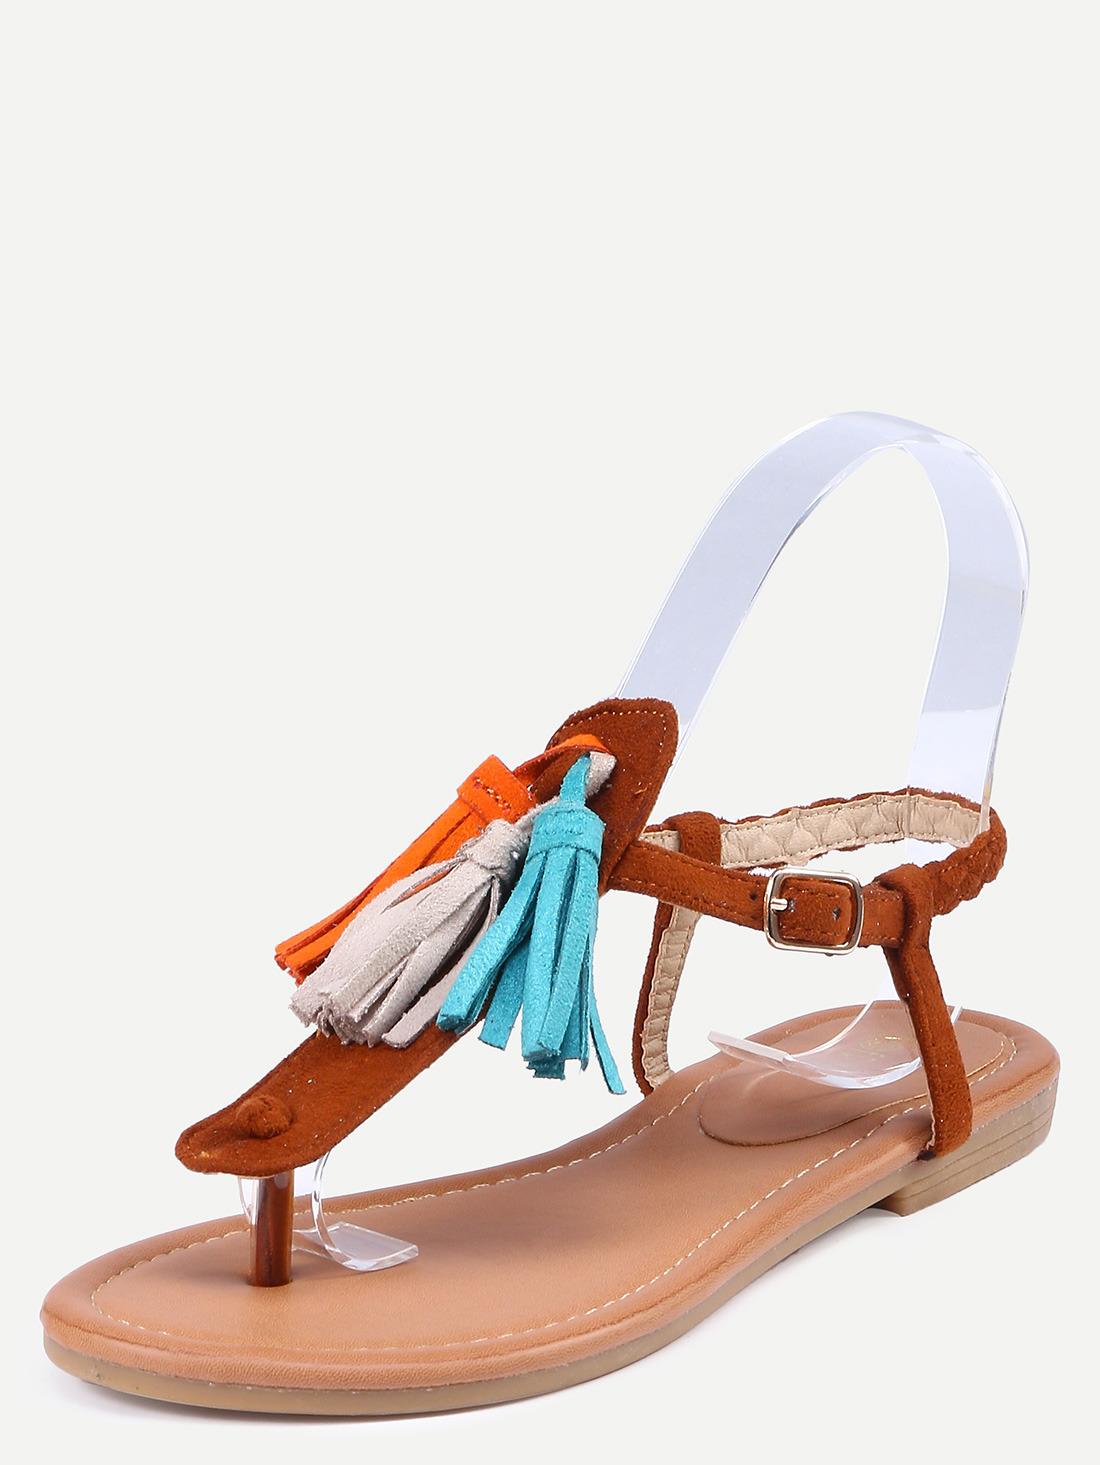 Come scarpe ho scelto questi sandali bassi color caramello che hanno delle  frange che riprendono i colori della tutina. 8368e35e934